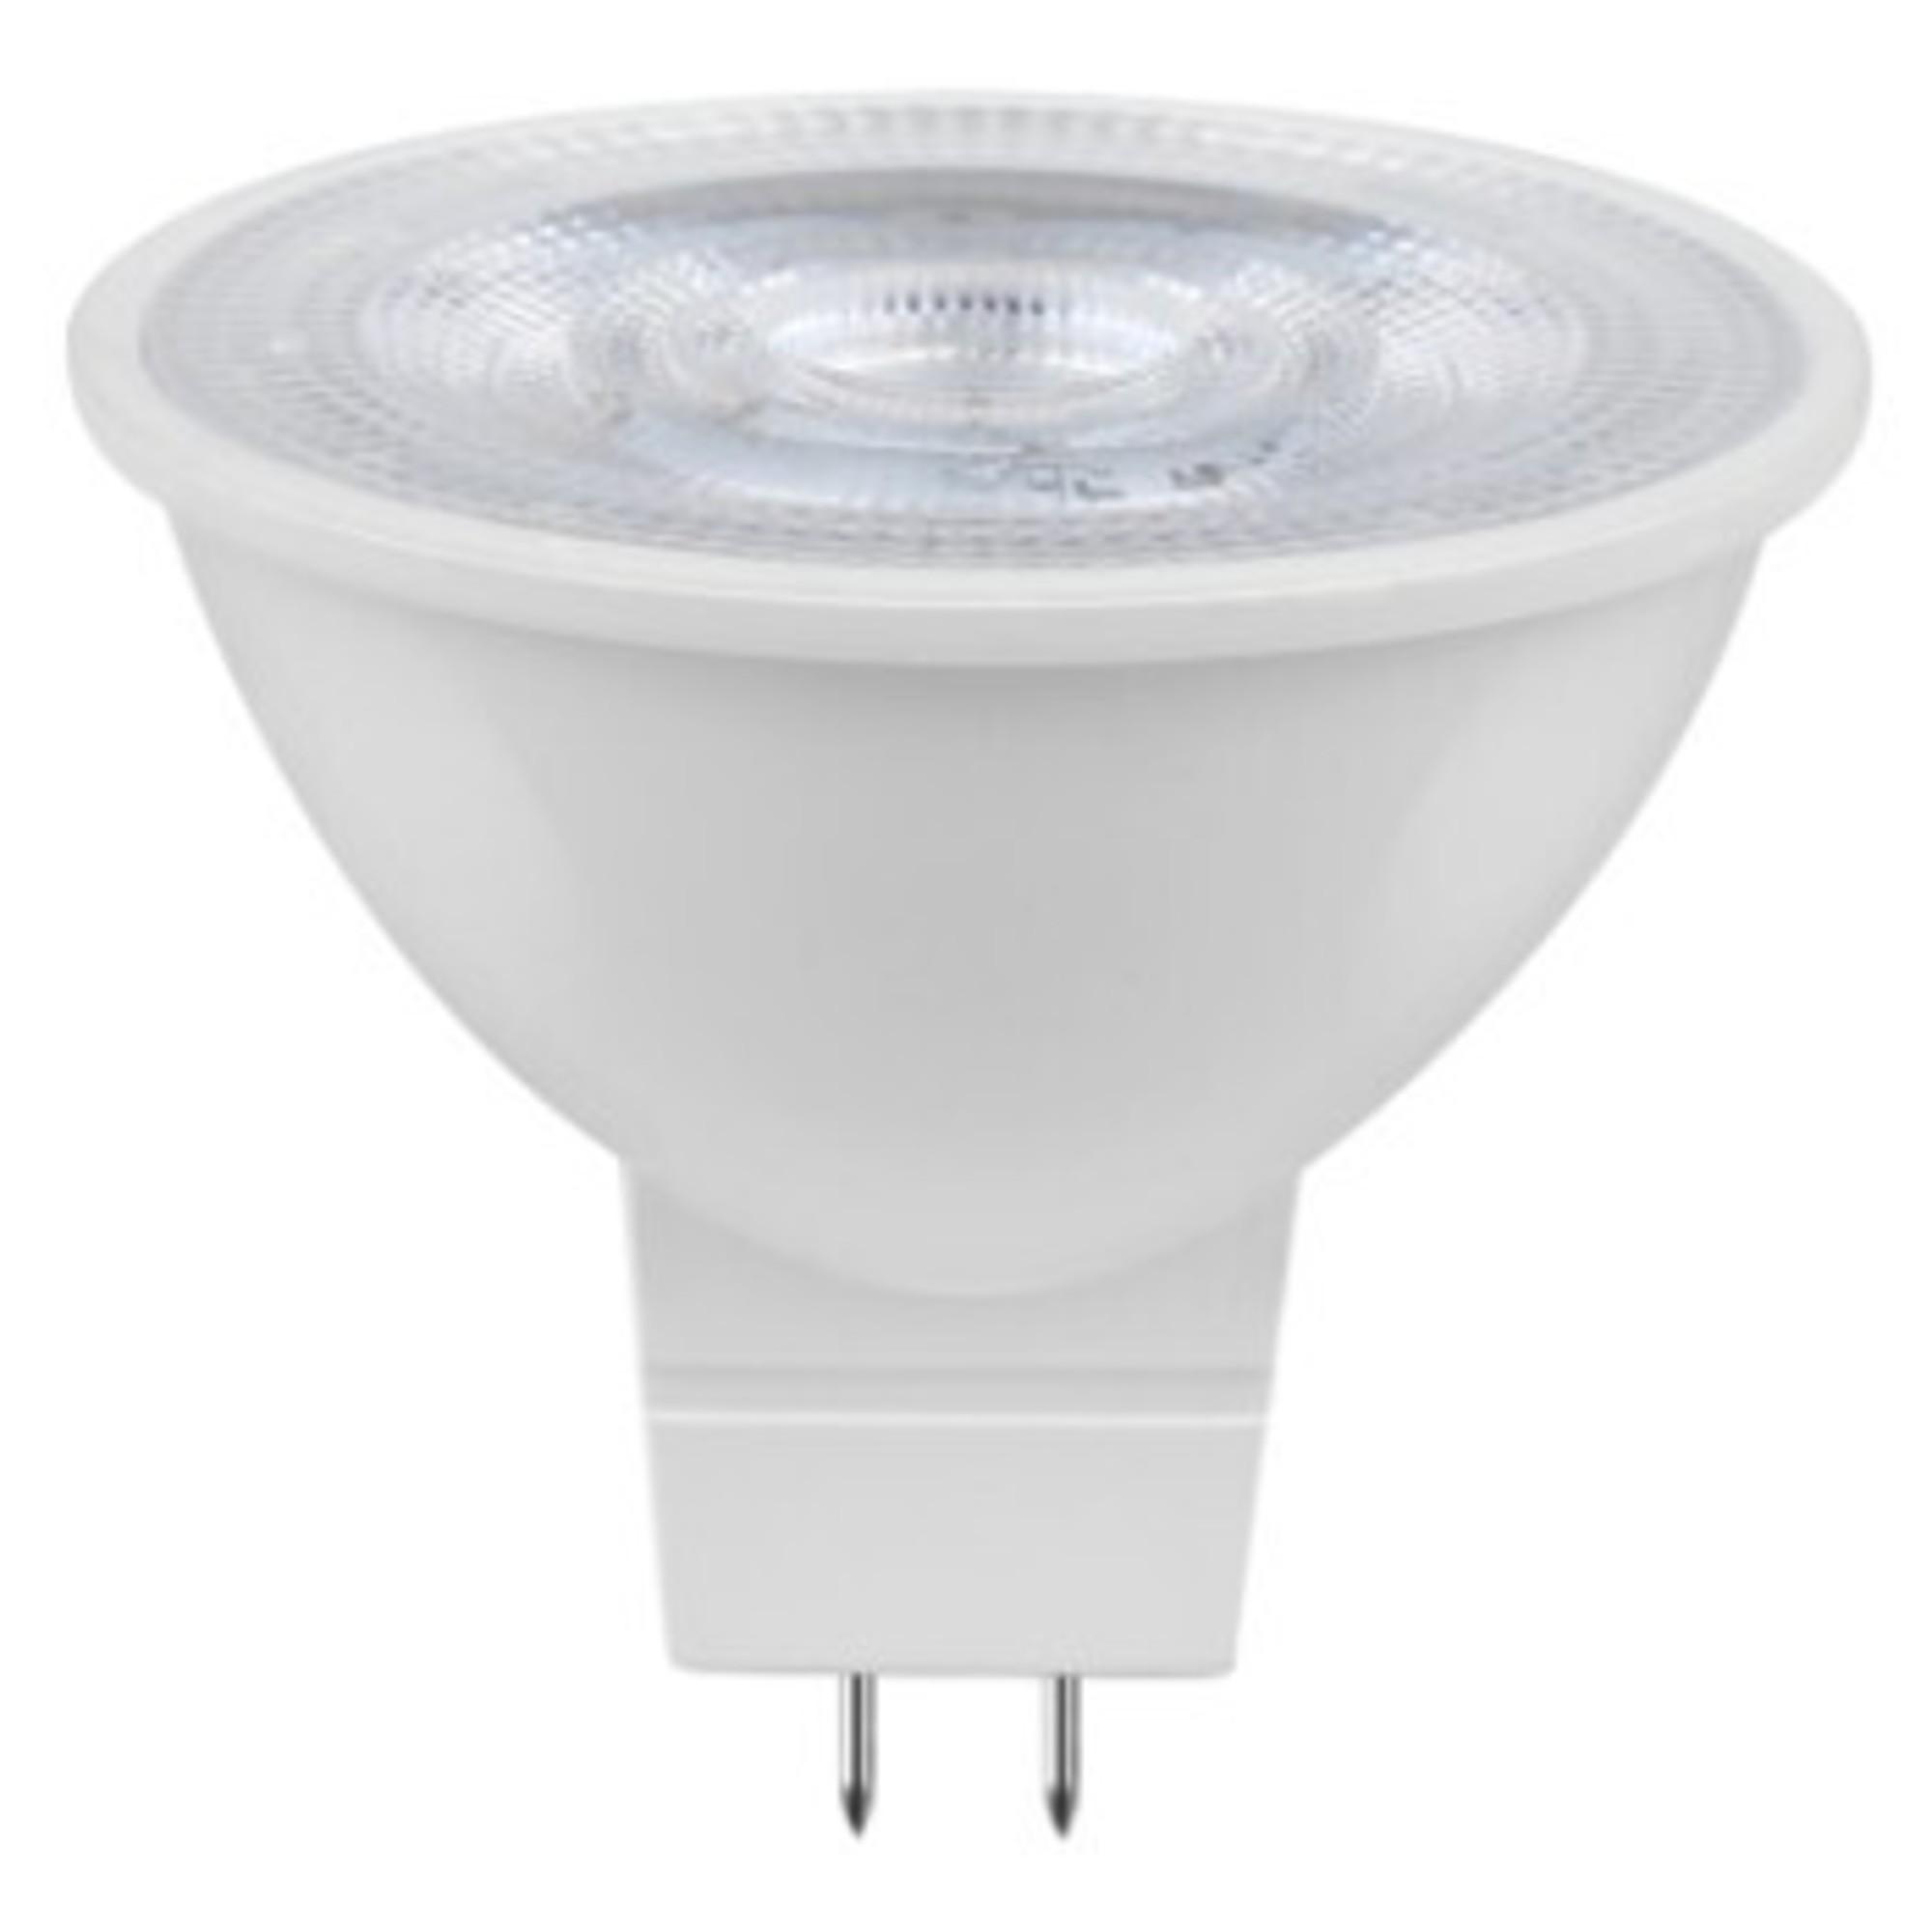 Лампа светодиодная Osram спот GU5.3 4.2 Вт 12 В 380 Лм нейтральный белый свет